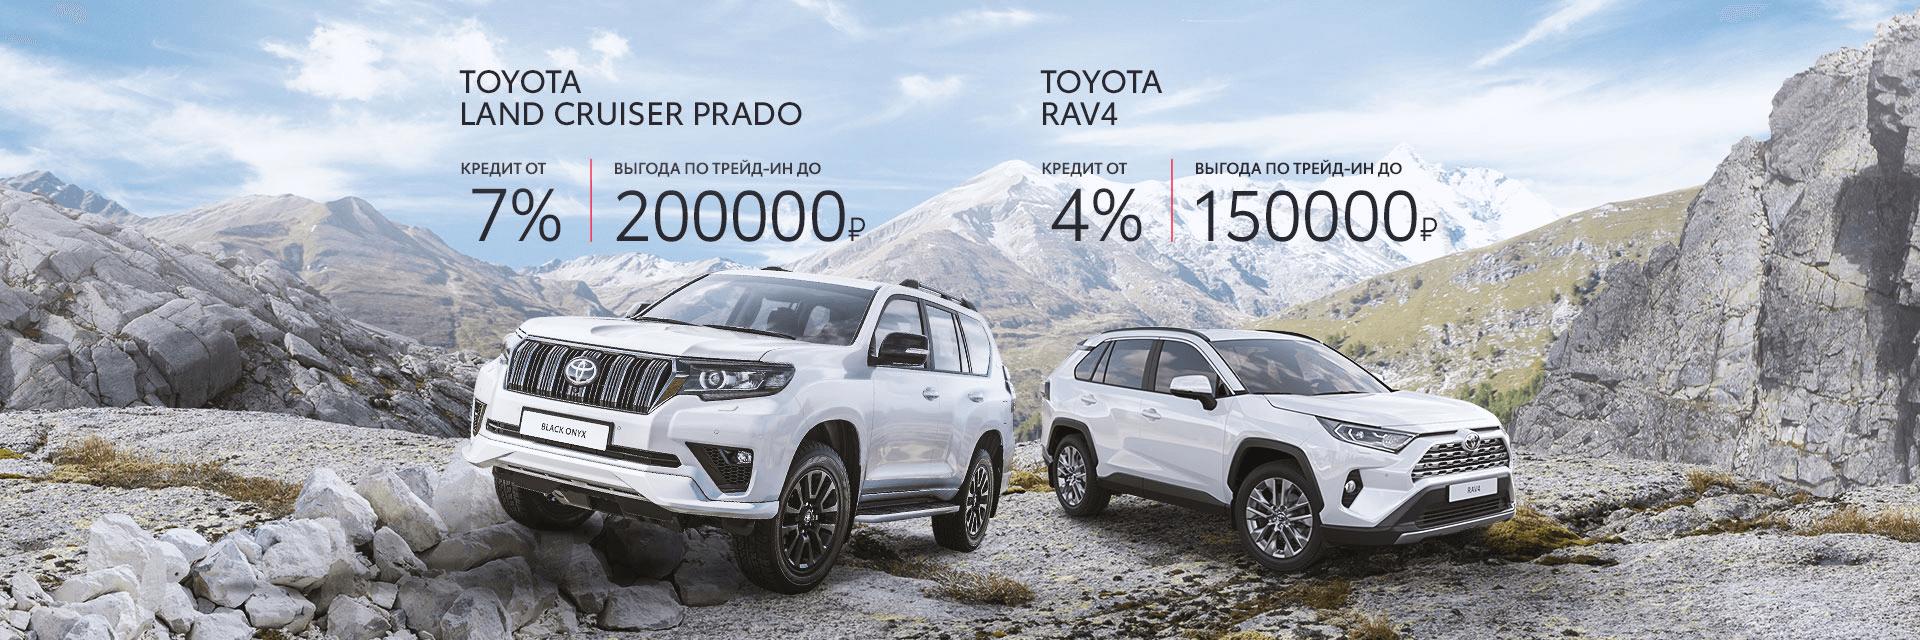 RAV4 & Prado (Toyota Weeks)